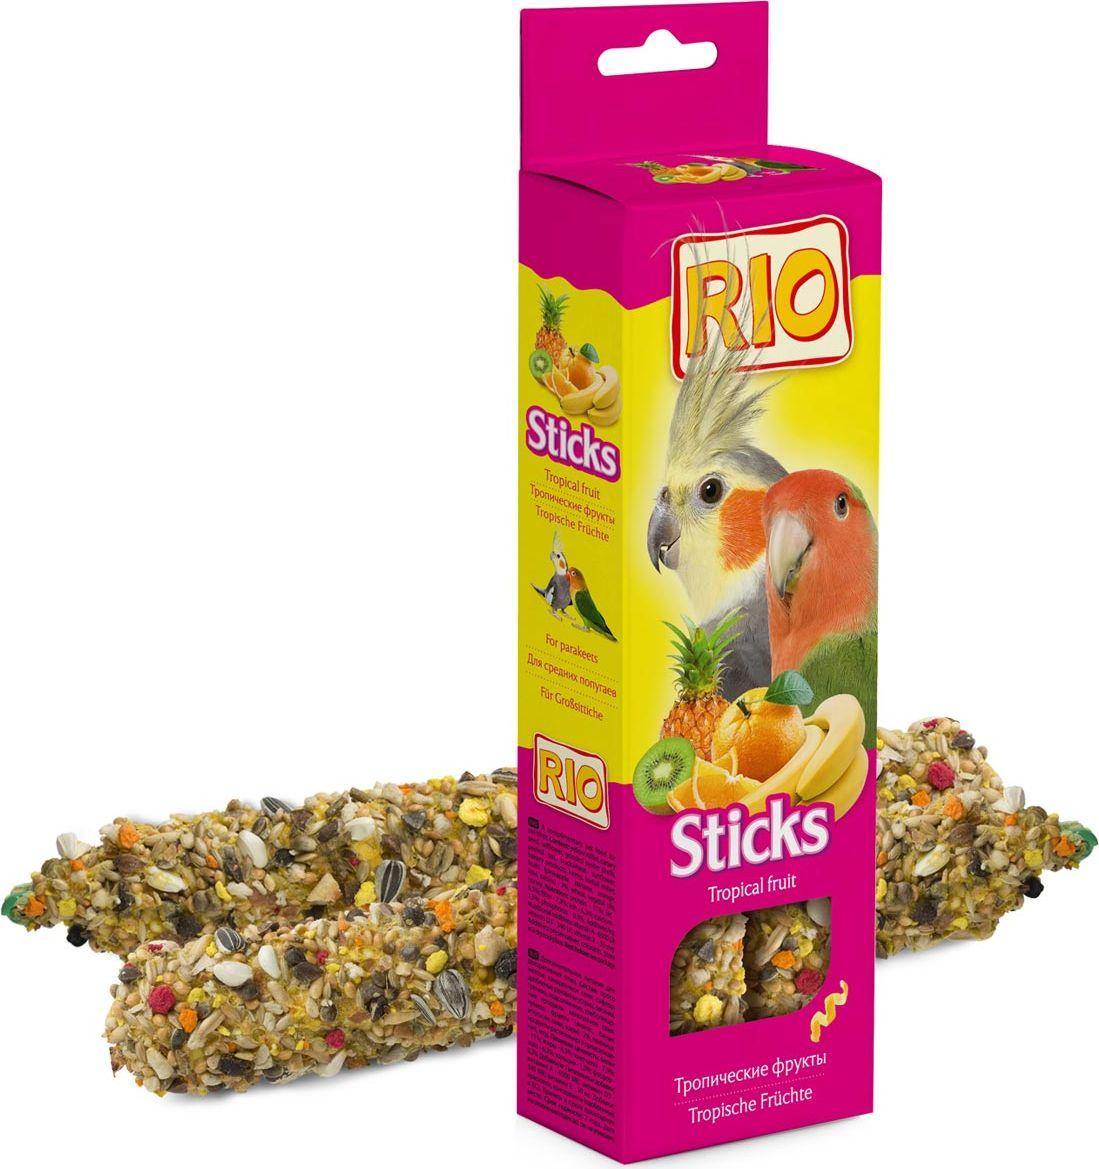 Палочки для средних попугаев Rio, с тропическими фруктами, 2 х 75 г0120710Лакомство для средних попугаев с тропическими фруктами. Дополнительное питание для декоративных птиц.В процессе производства палочки запекаются в специальных печах особым способом. Это обеспечивает превосходный вкус и хрустящую консистенцию палочек. Каждая палочка содержит более 15 ингредиентов. Разнообразные семена, фрукты, орехи, мед и другие компоненты делают палочку особенно вкусной. С таким лакомством ваша птица проведет время активно и весело.Товар сертифицирован.